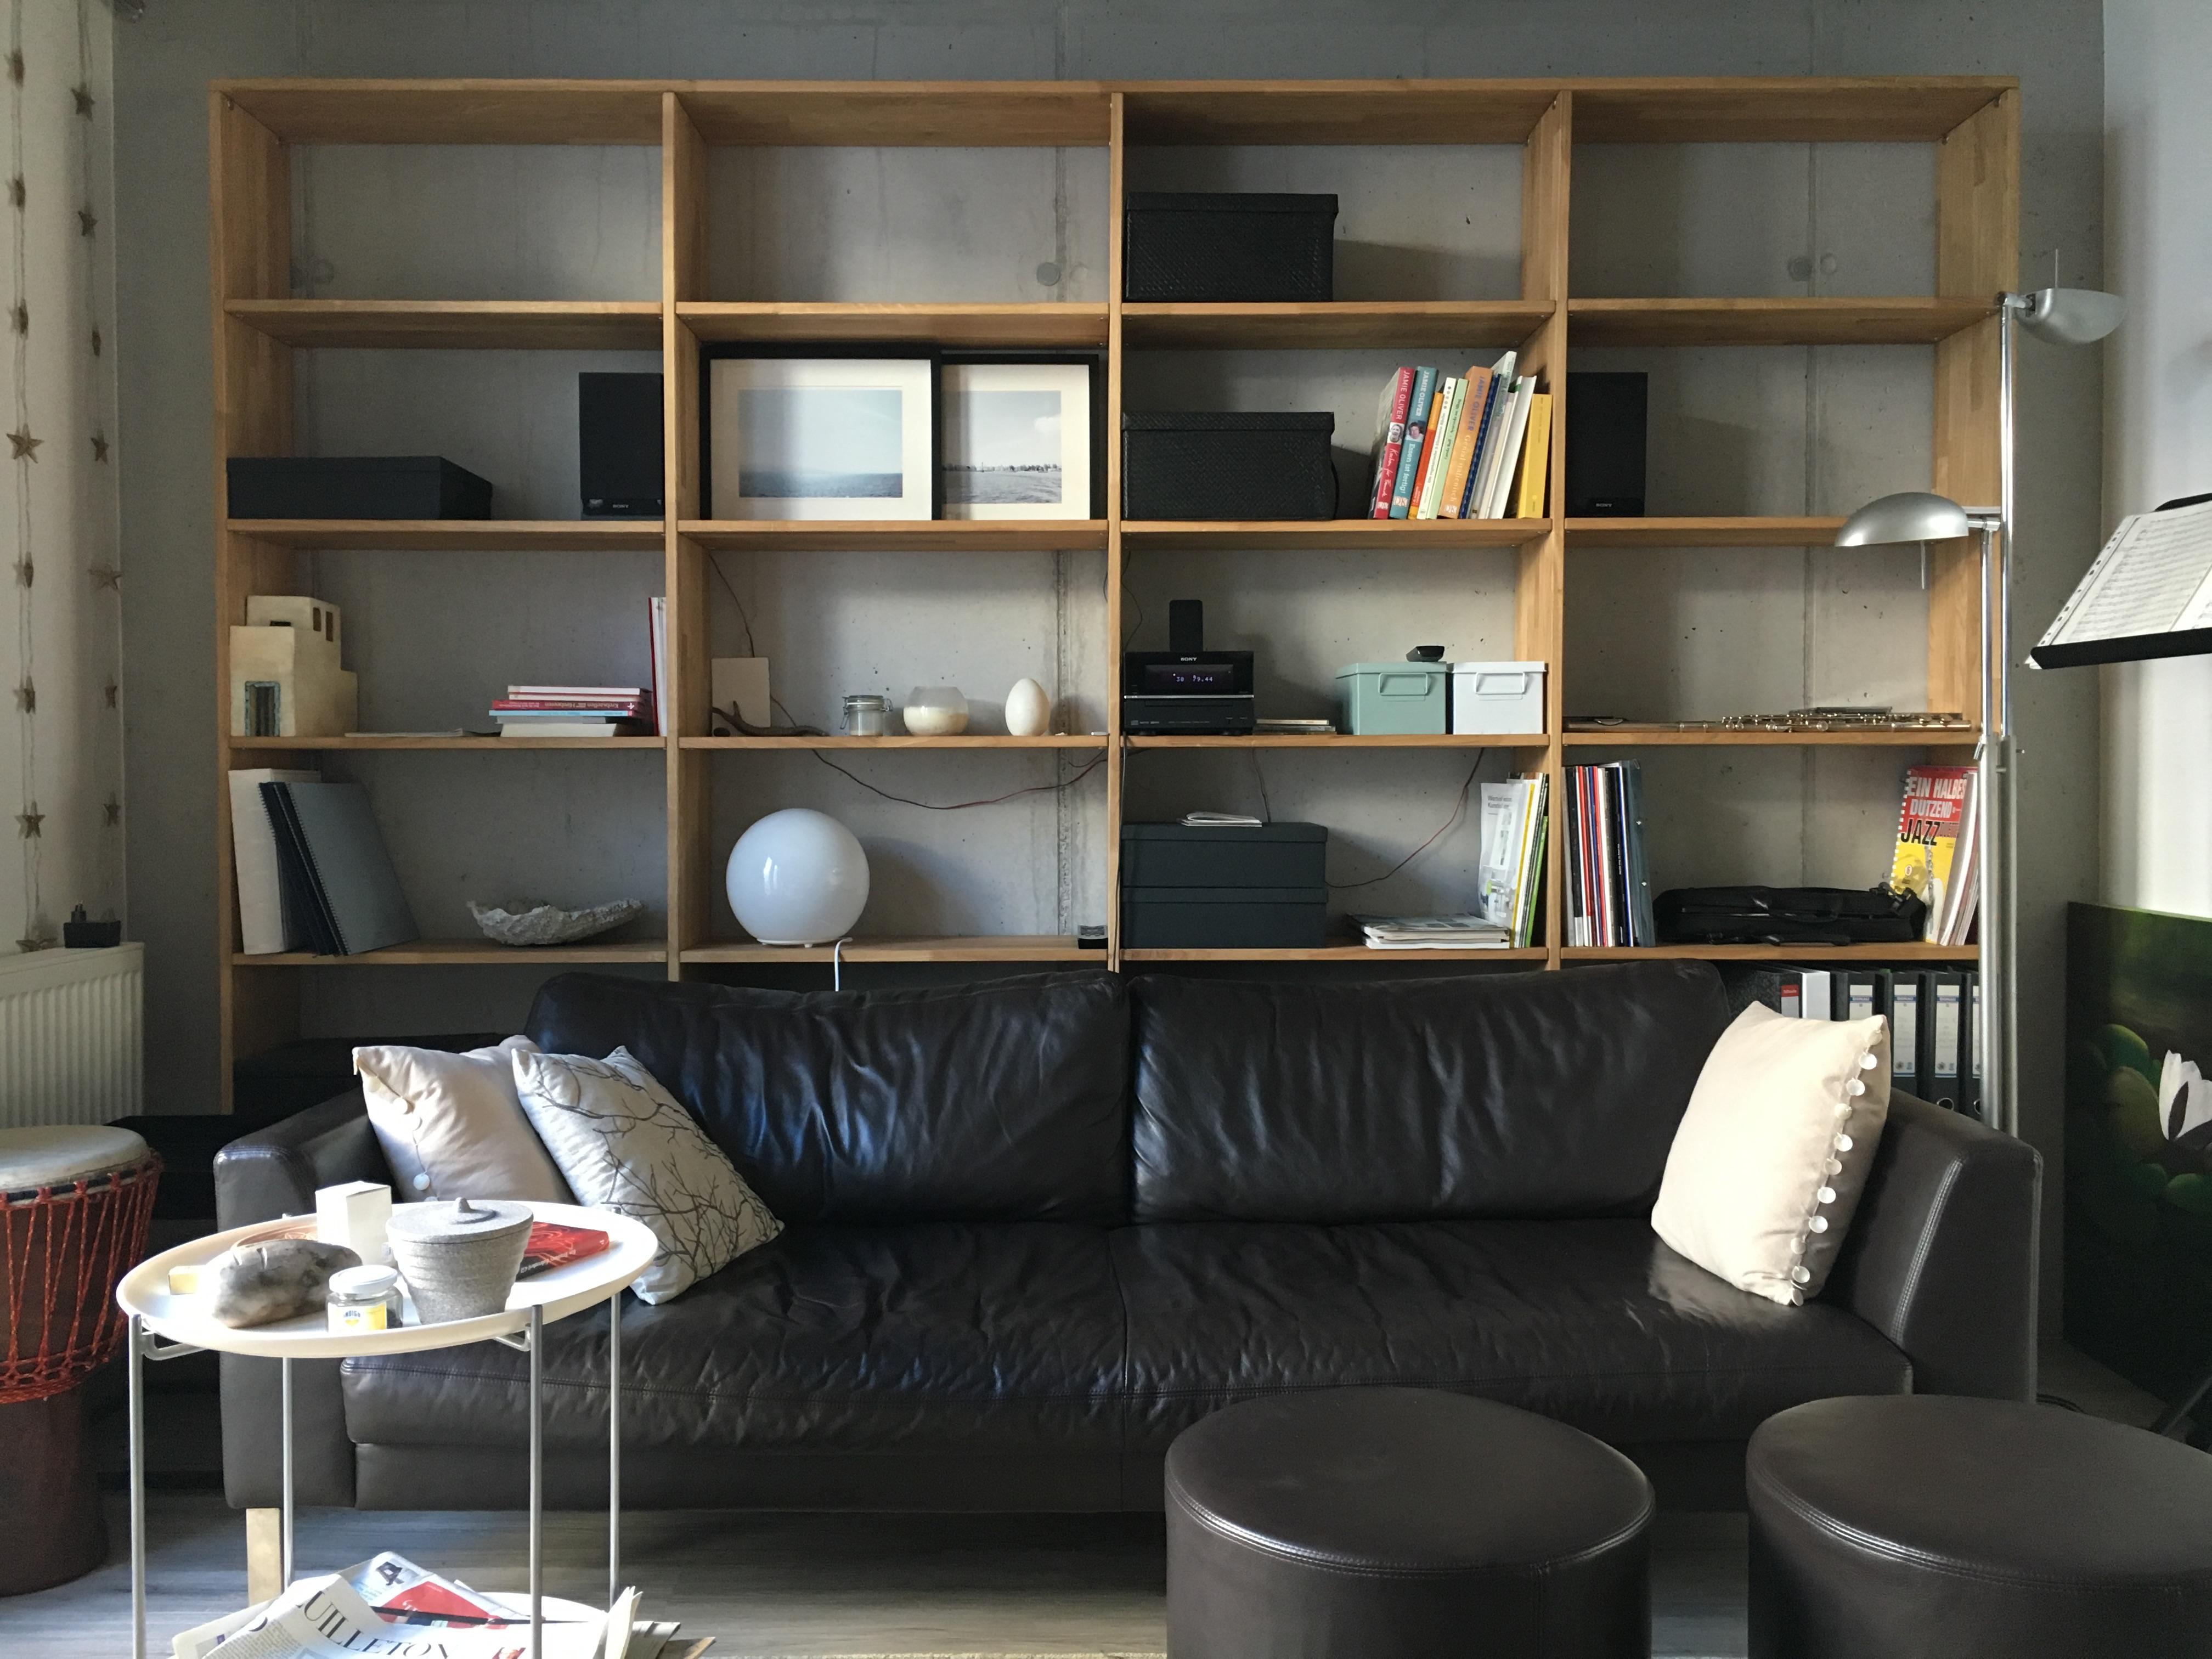 Modernes Bücherregal Im Wohnzimmer #regal #bücherregal ©Pickawood GmbH